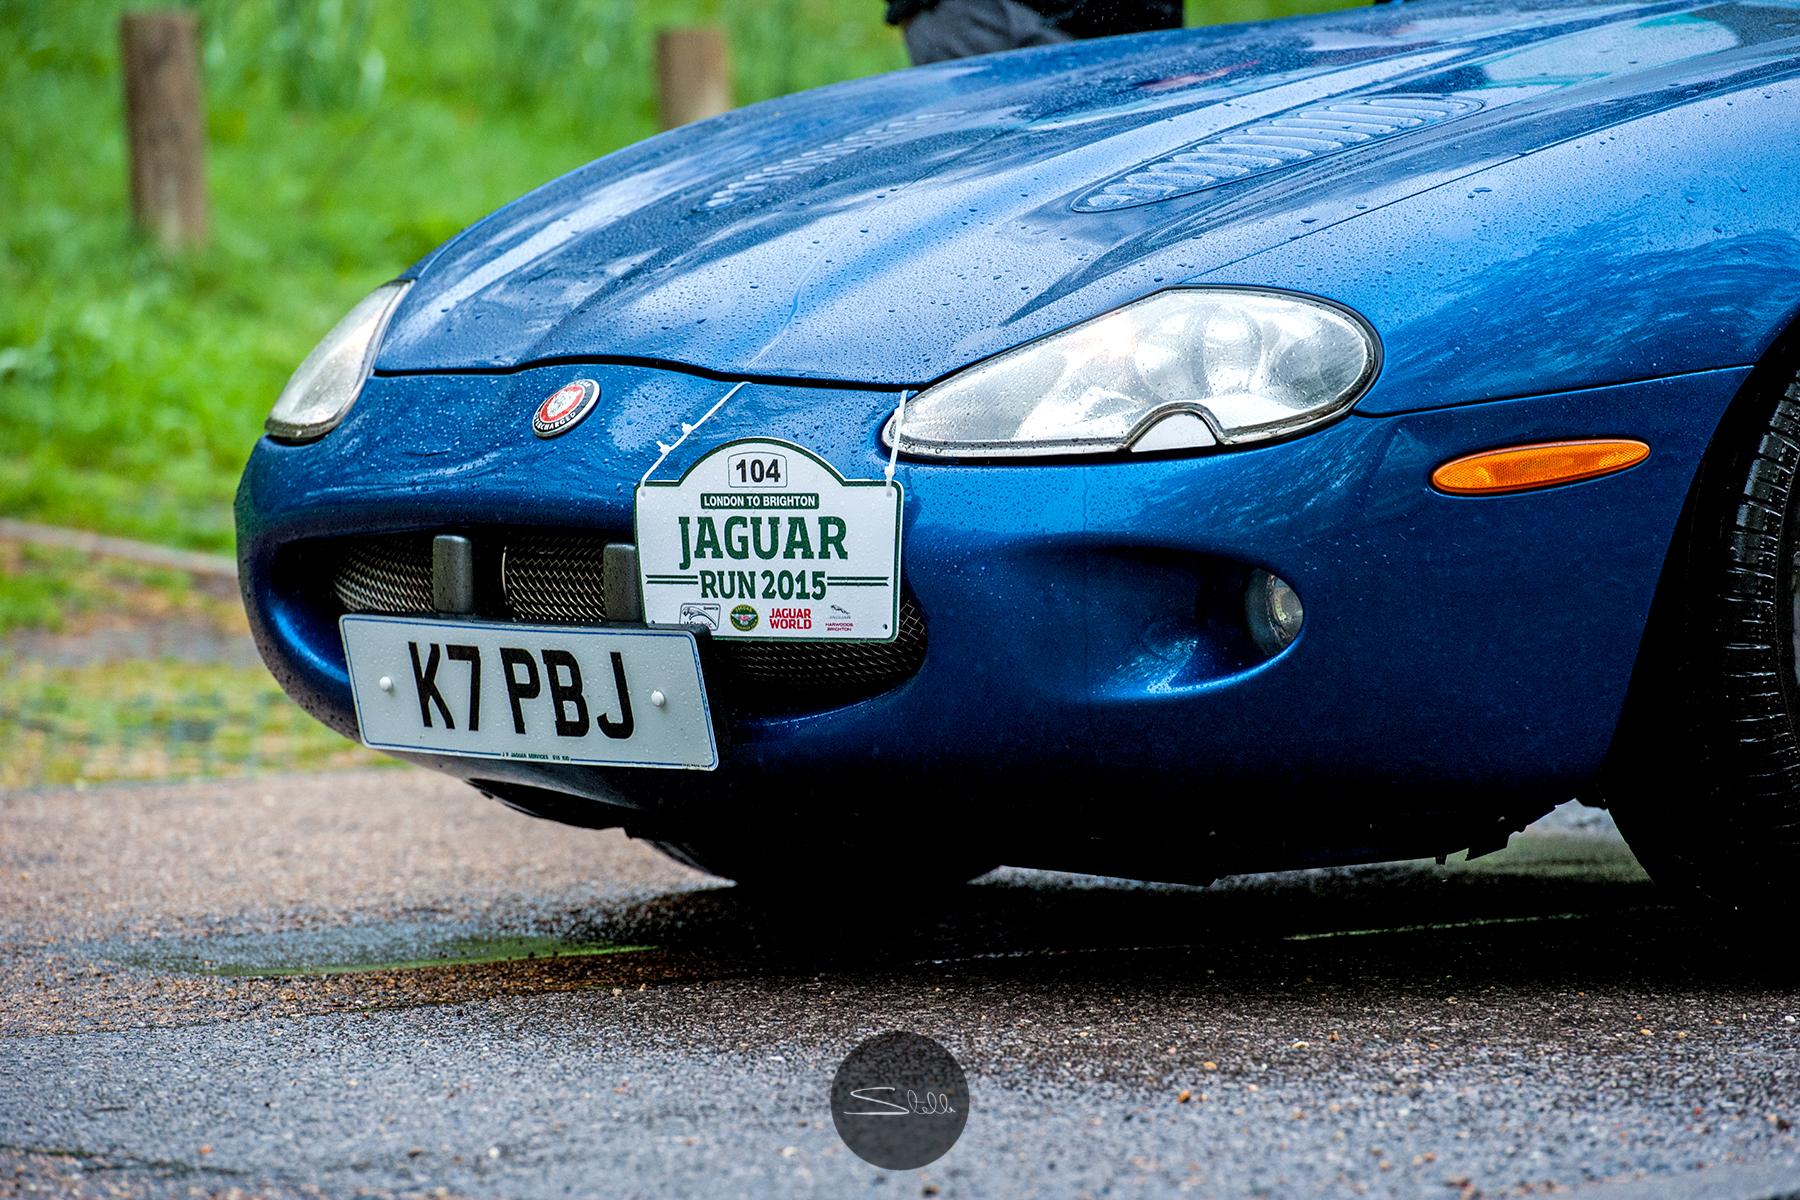 Stella Scordellis Jaguar Car Run 2015 3 Watermarked.jpg